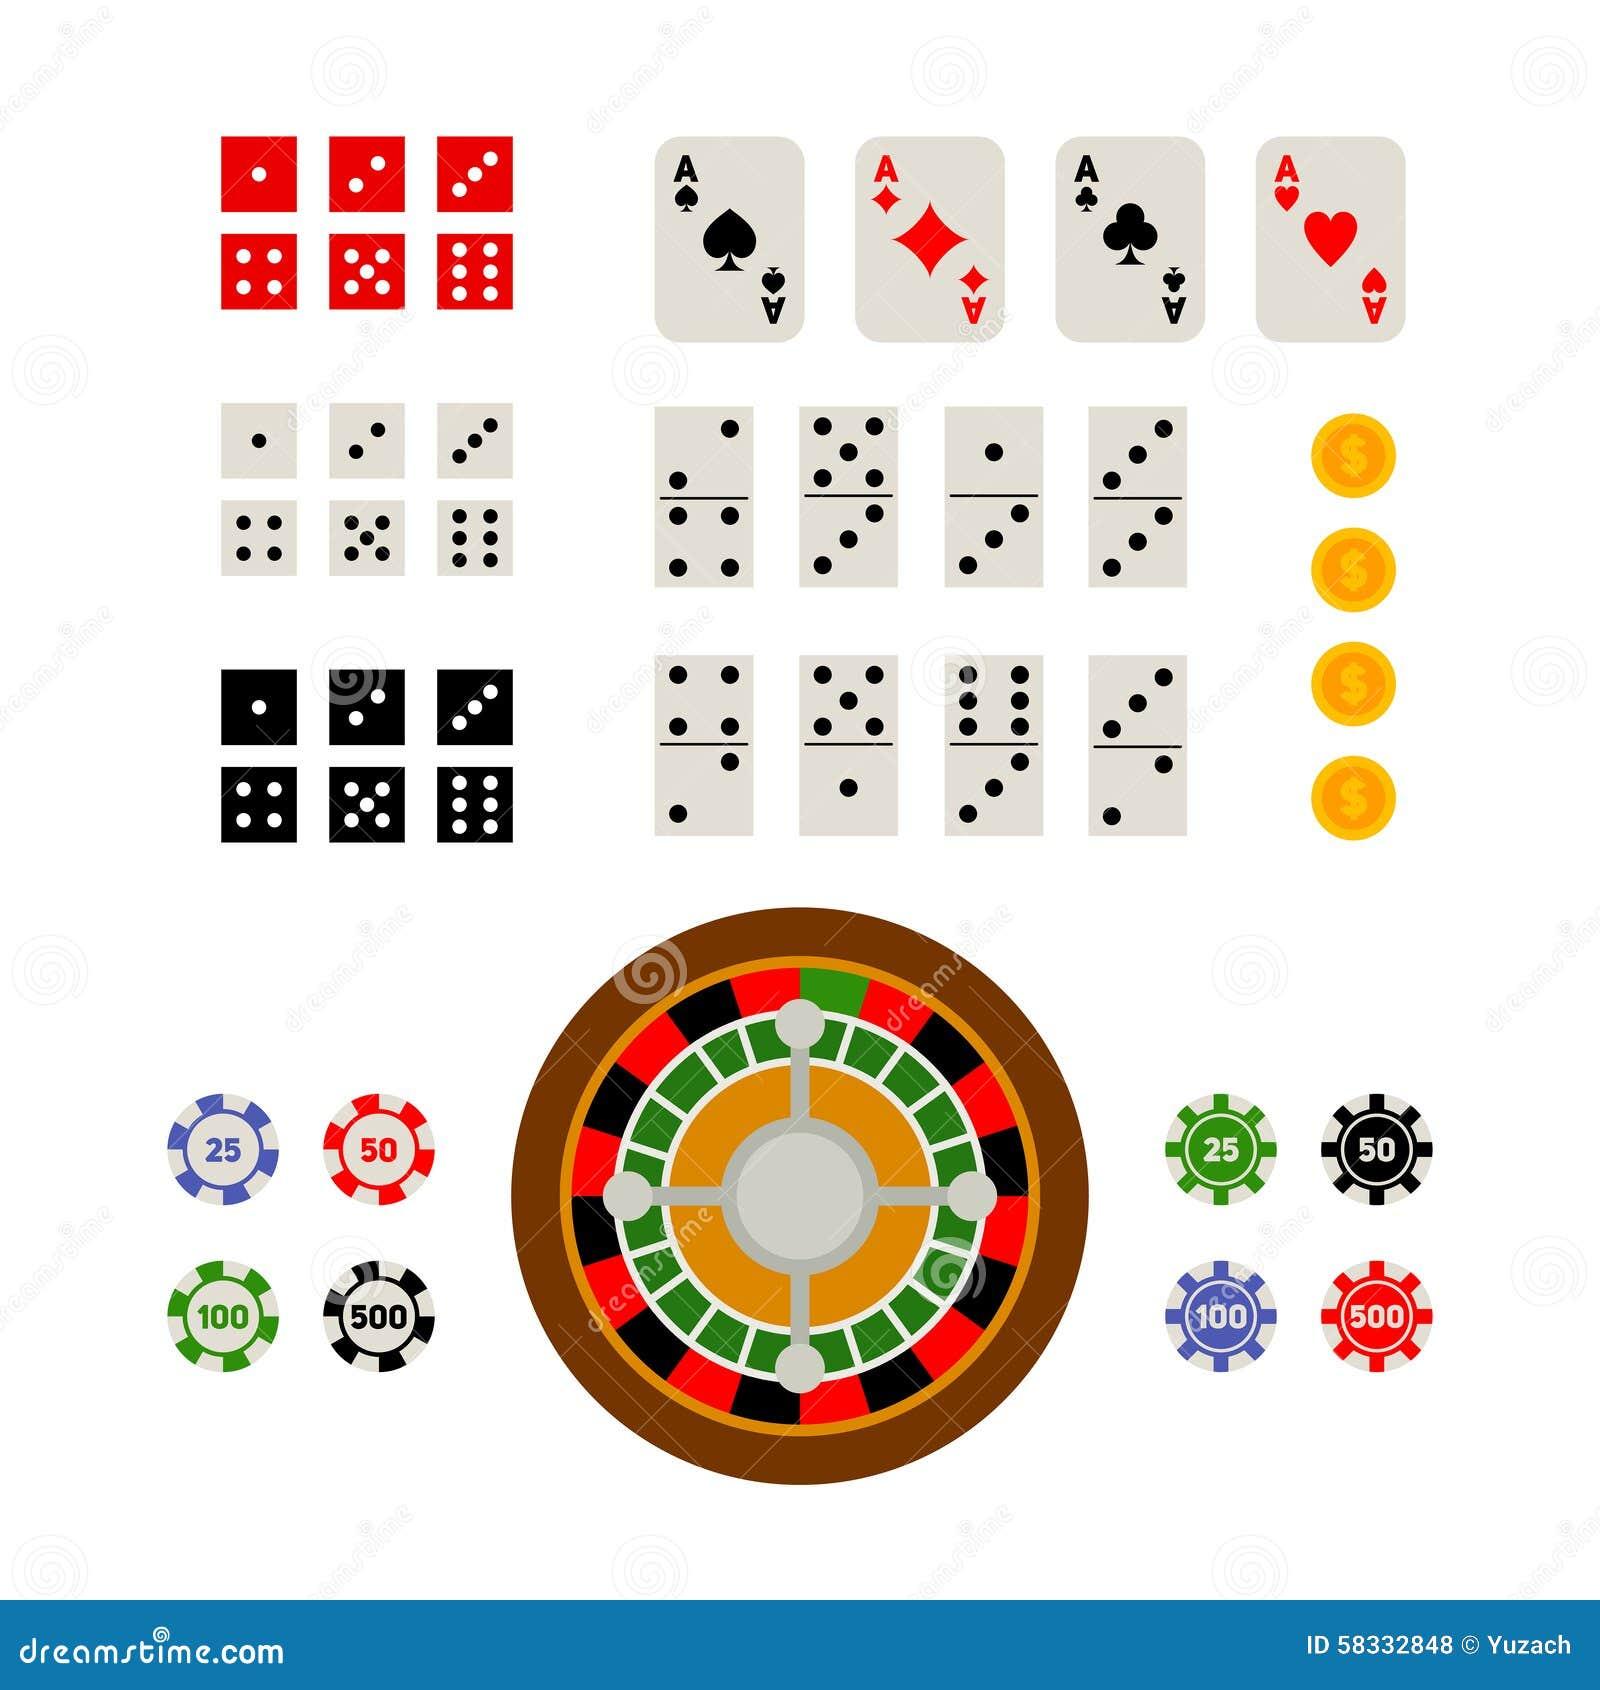 Best roulette set up